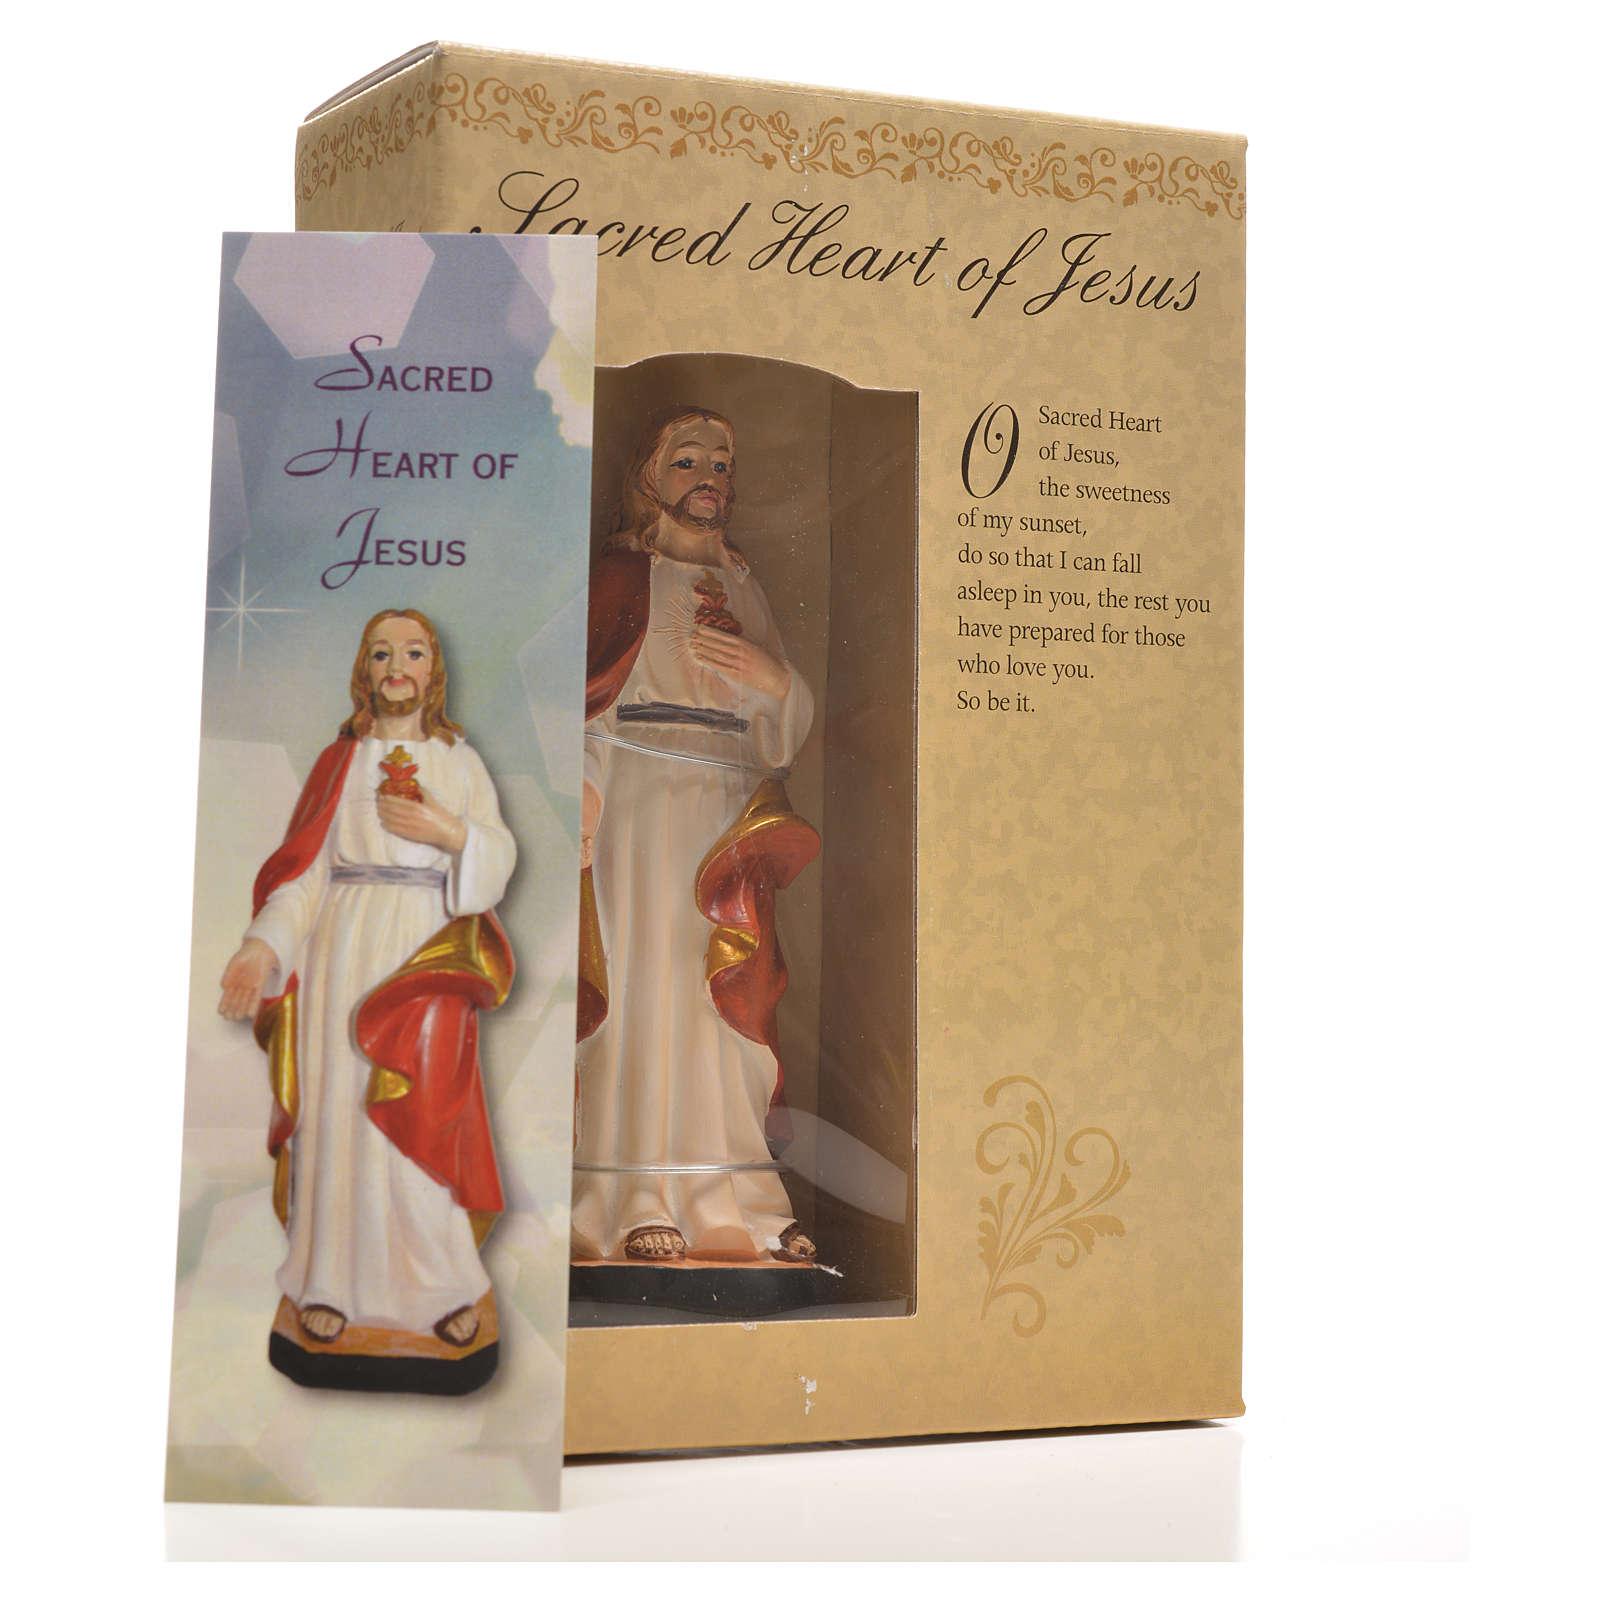 Figurka święte Serce Jezusa z obrazkiem z modlitwą po angielsku 4